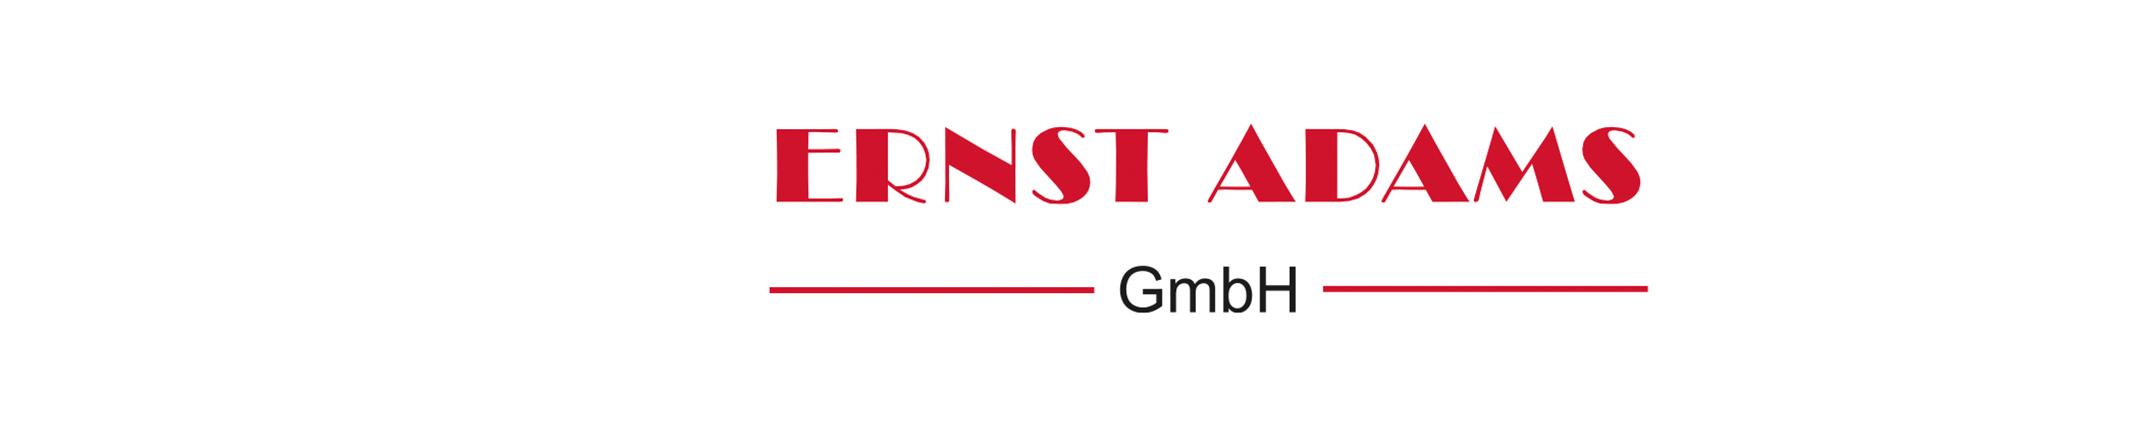 ERNST ADAMS GMBH